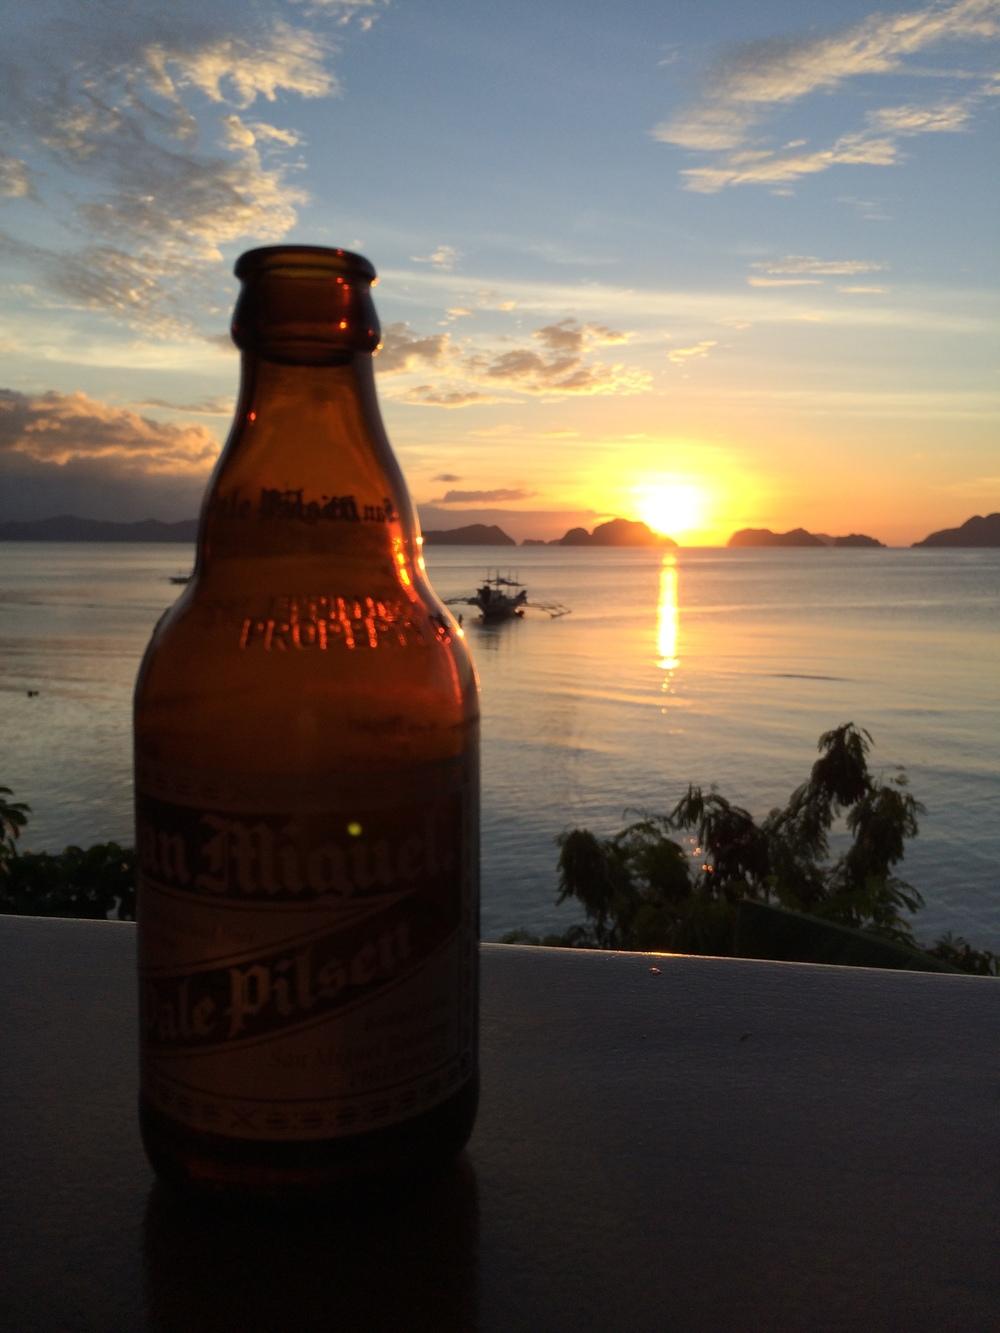 sunset at Republica